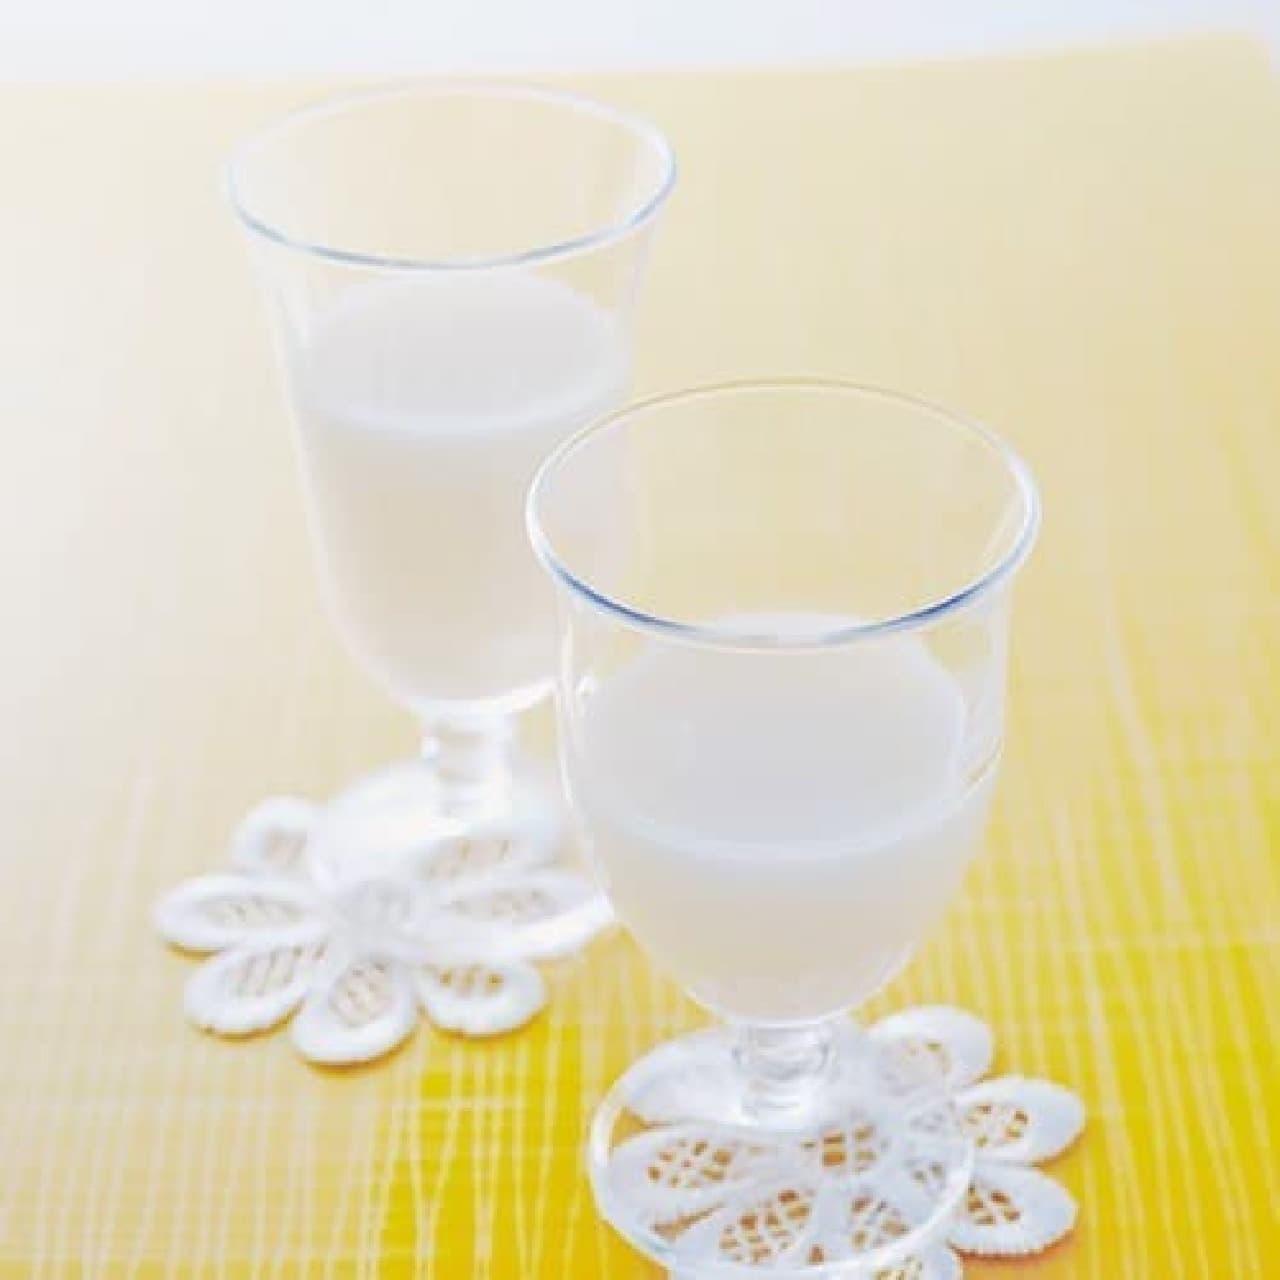 お米と糀、酵母だけで造る発酵飲料「どぶろく」  味は現代風にアレンジされているとのこと